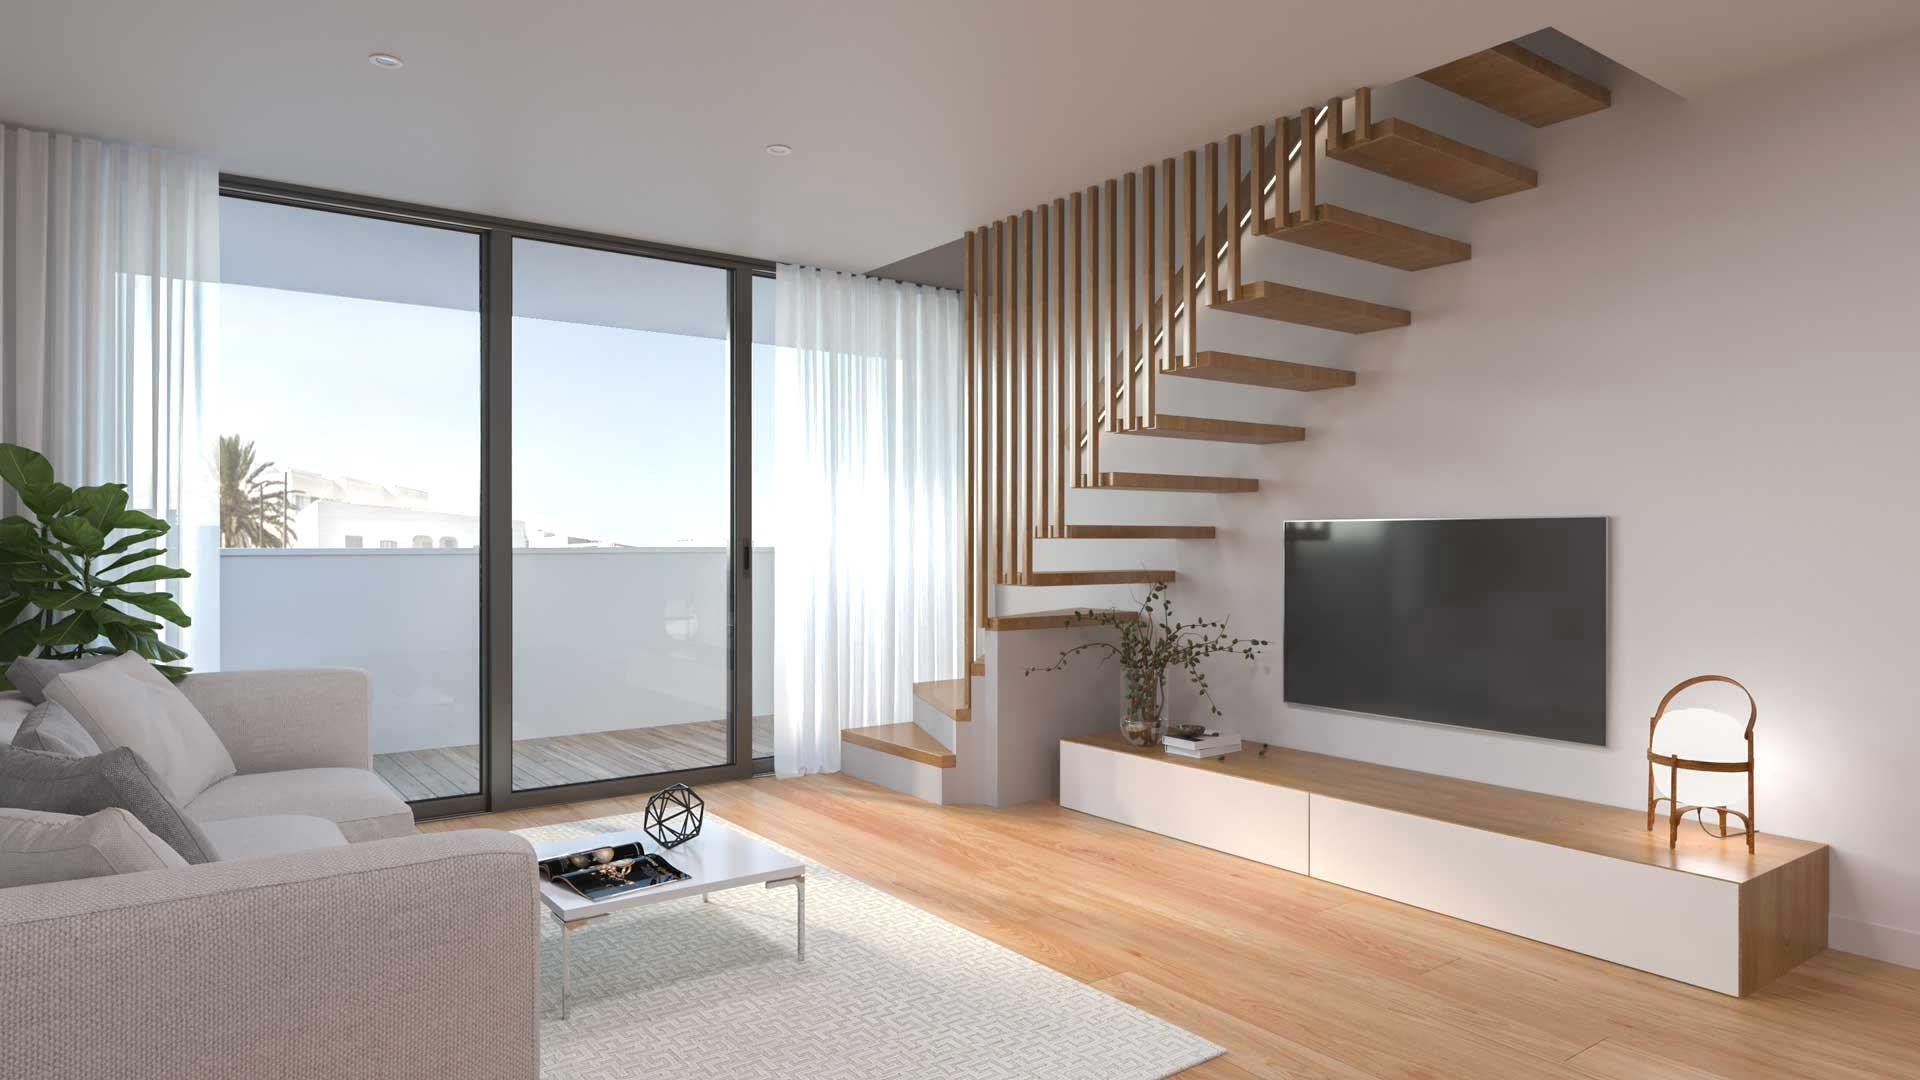 Infografía 3D interior para promoción inmobiliaria en Ibiza